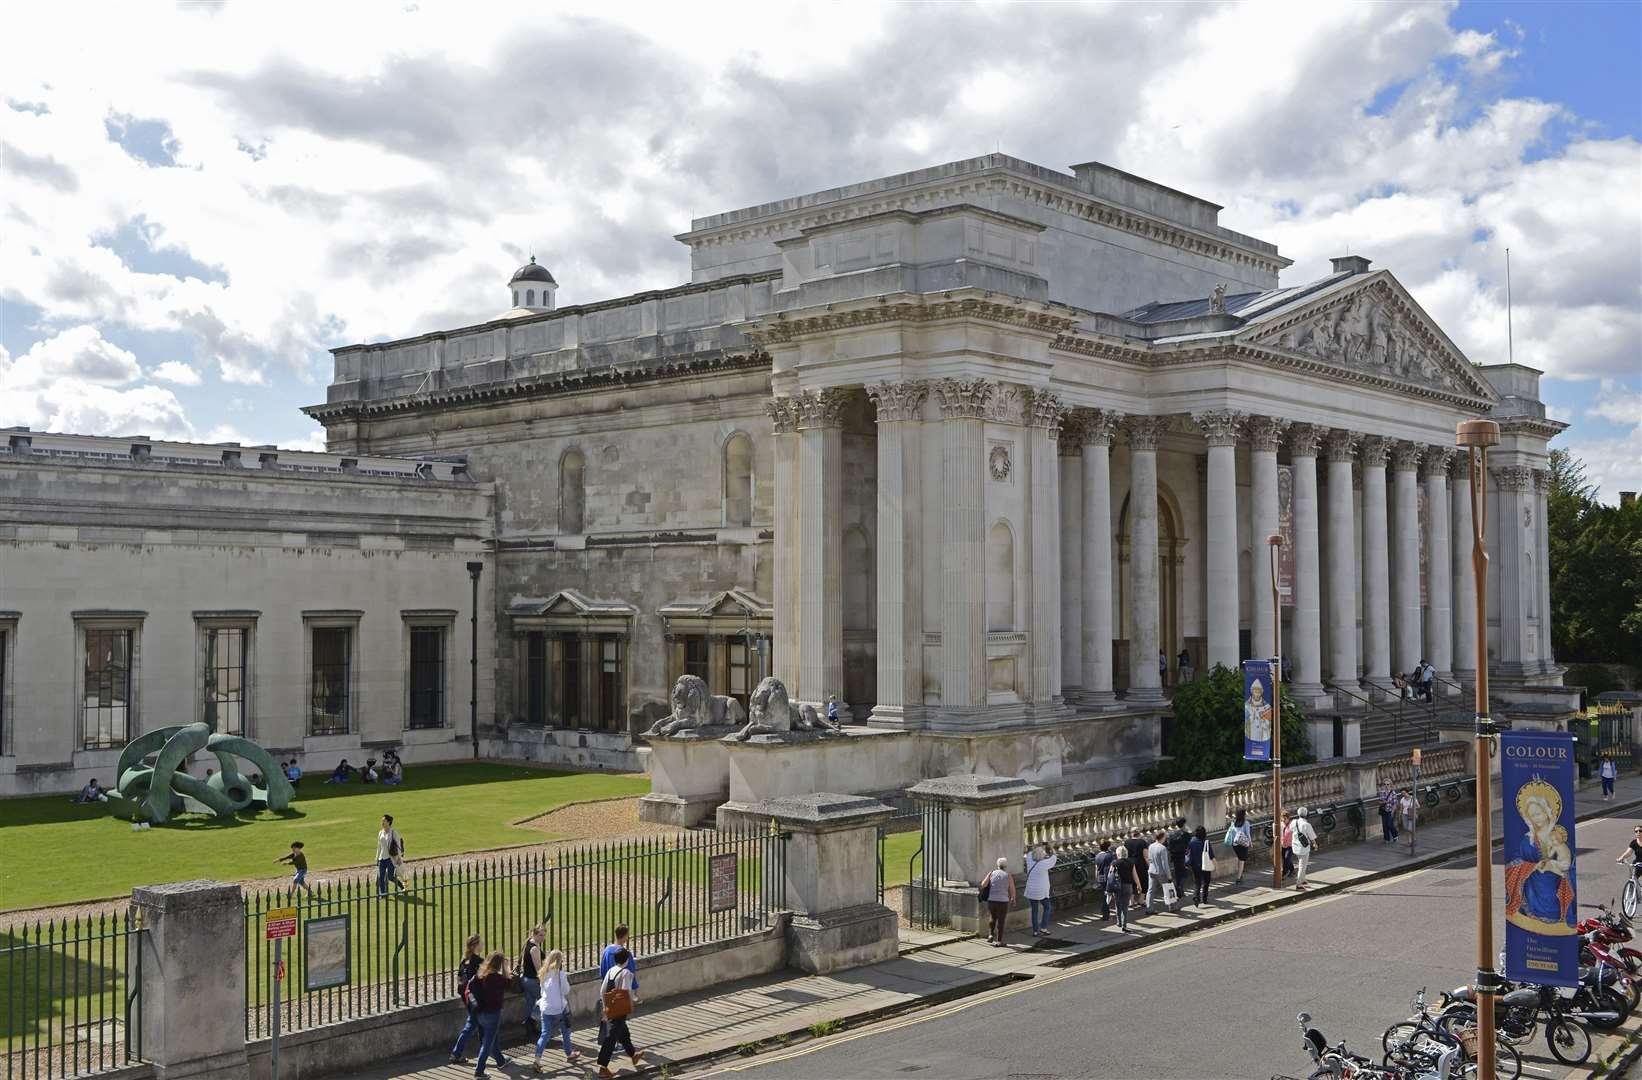 The Fitzwilliam Museum (42402193)